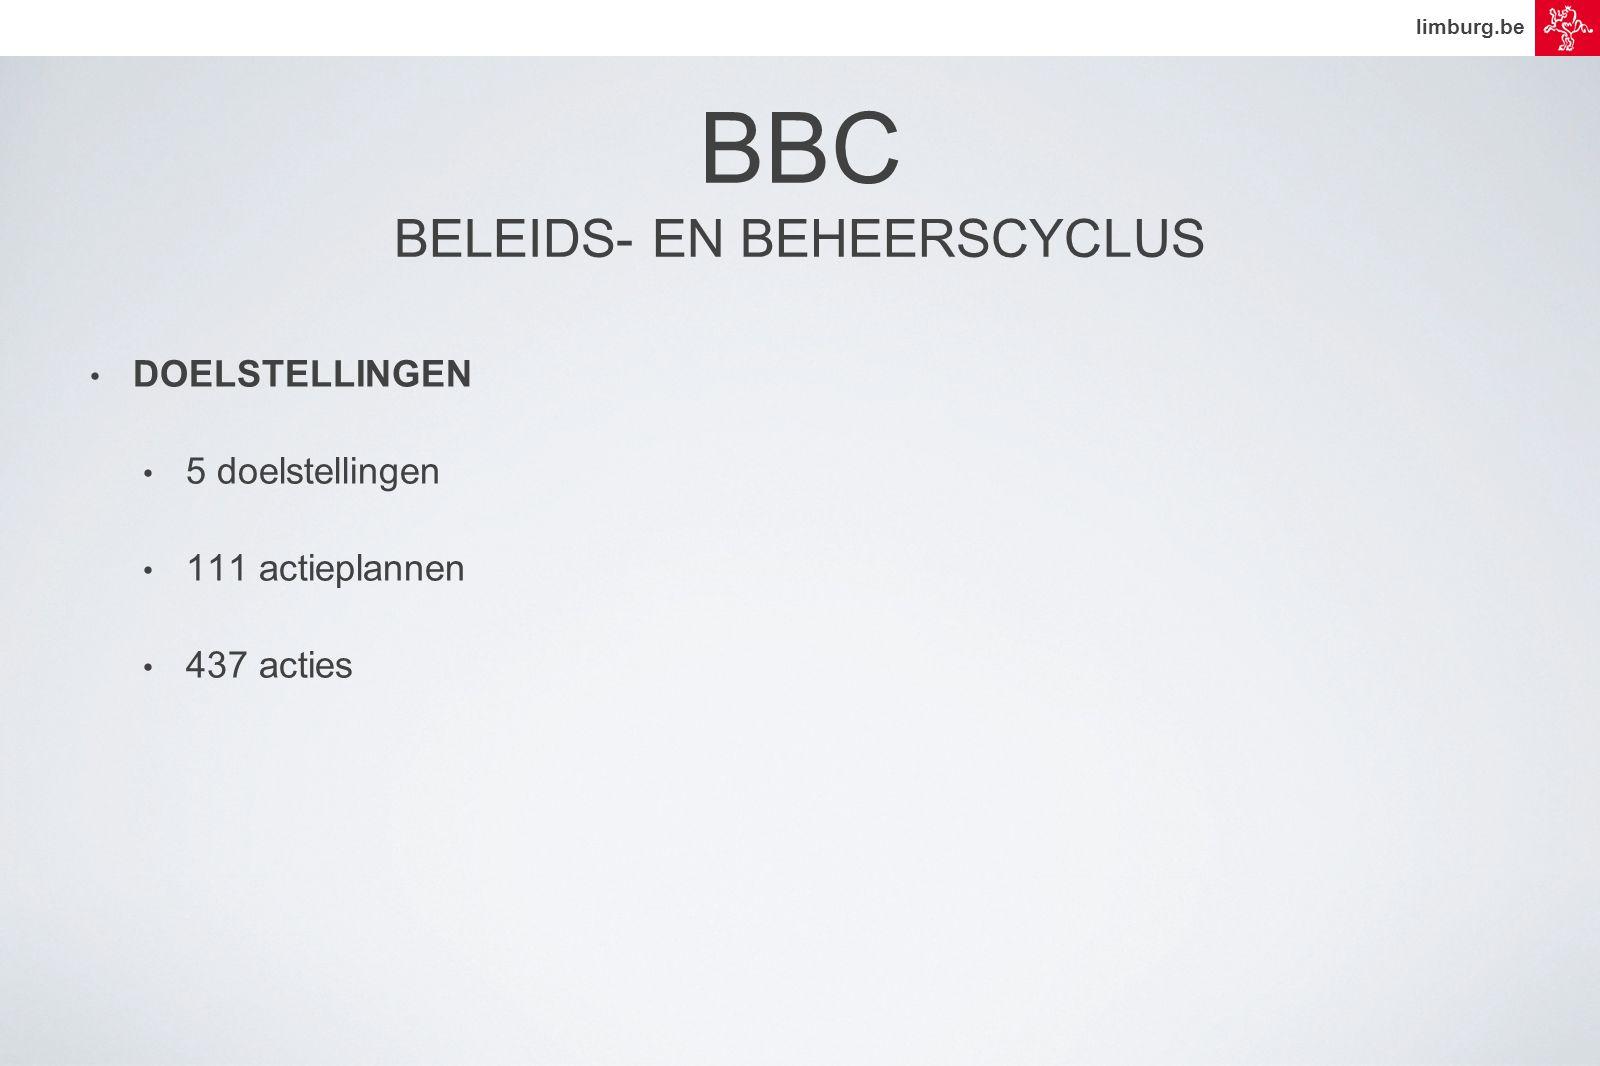 limburg.be BBC BELEIDS- EN BEHEERSCYCLUS • DOELSTELLINGEN • 5 doelstellingen • 111 actieplannen • 437 acties